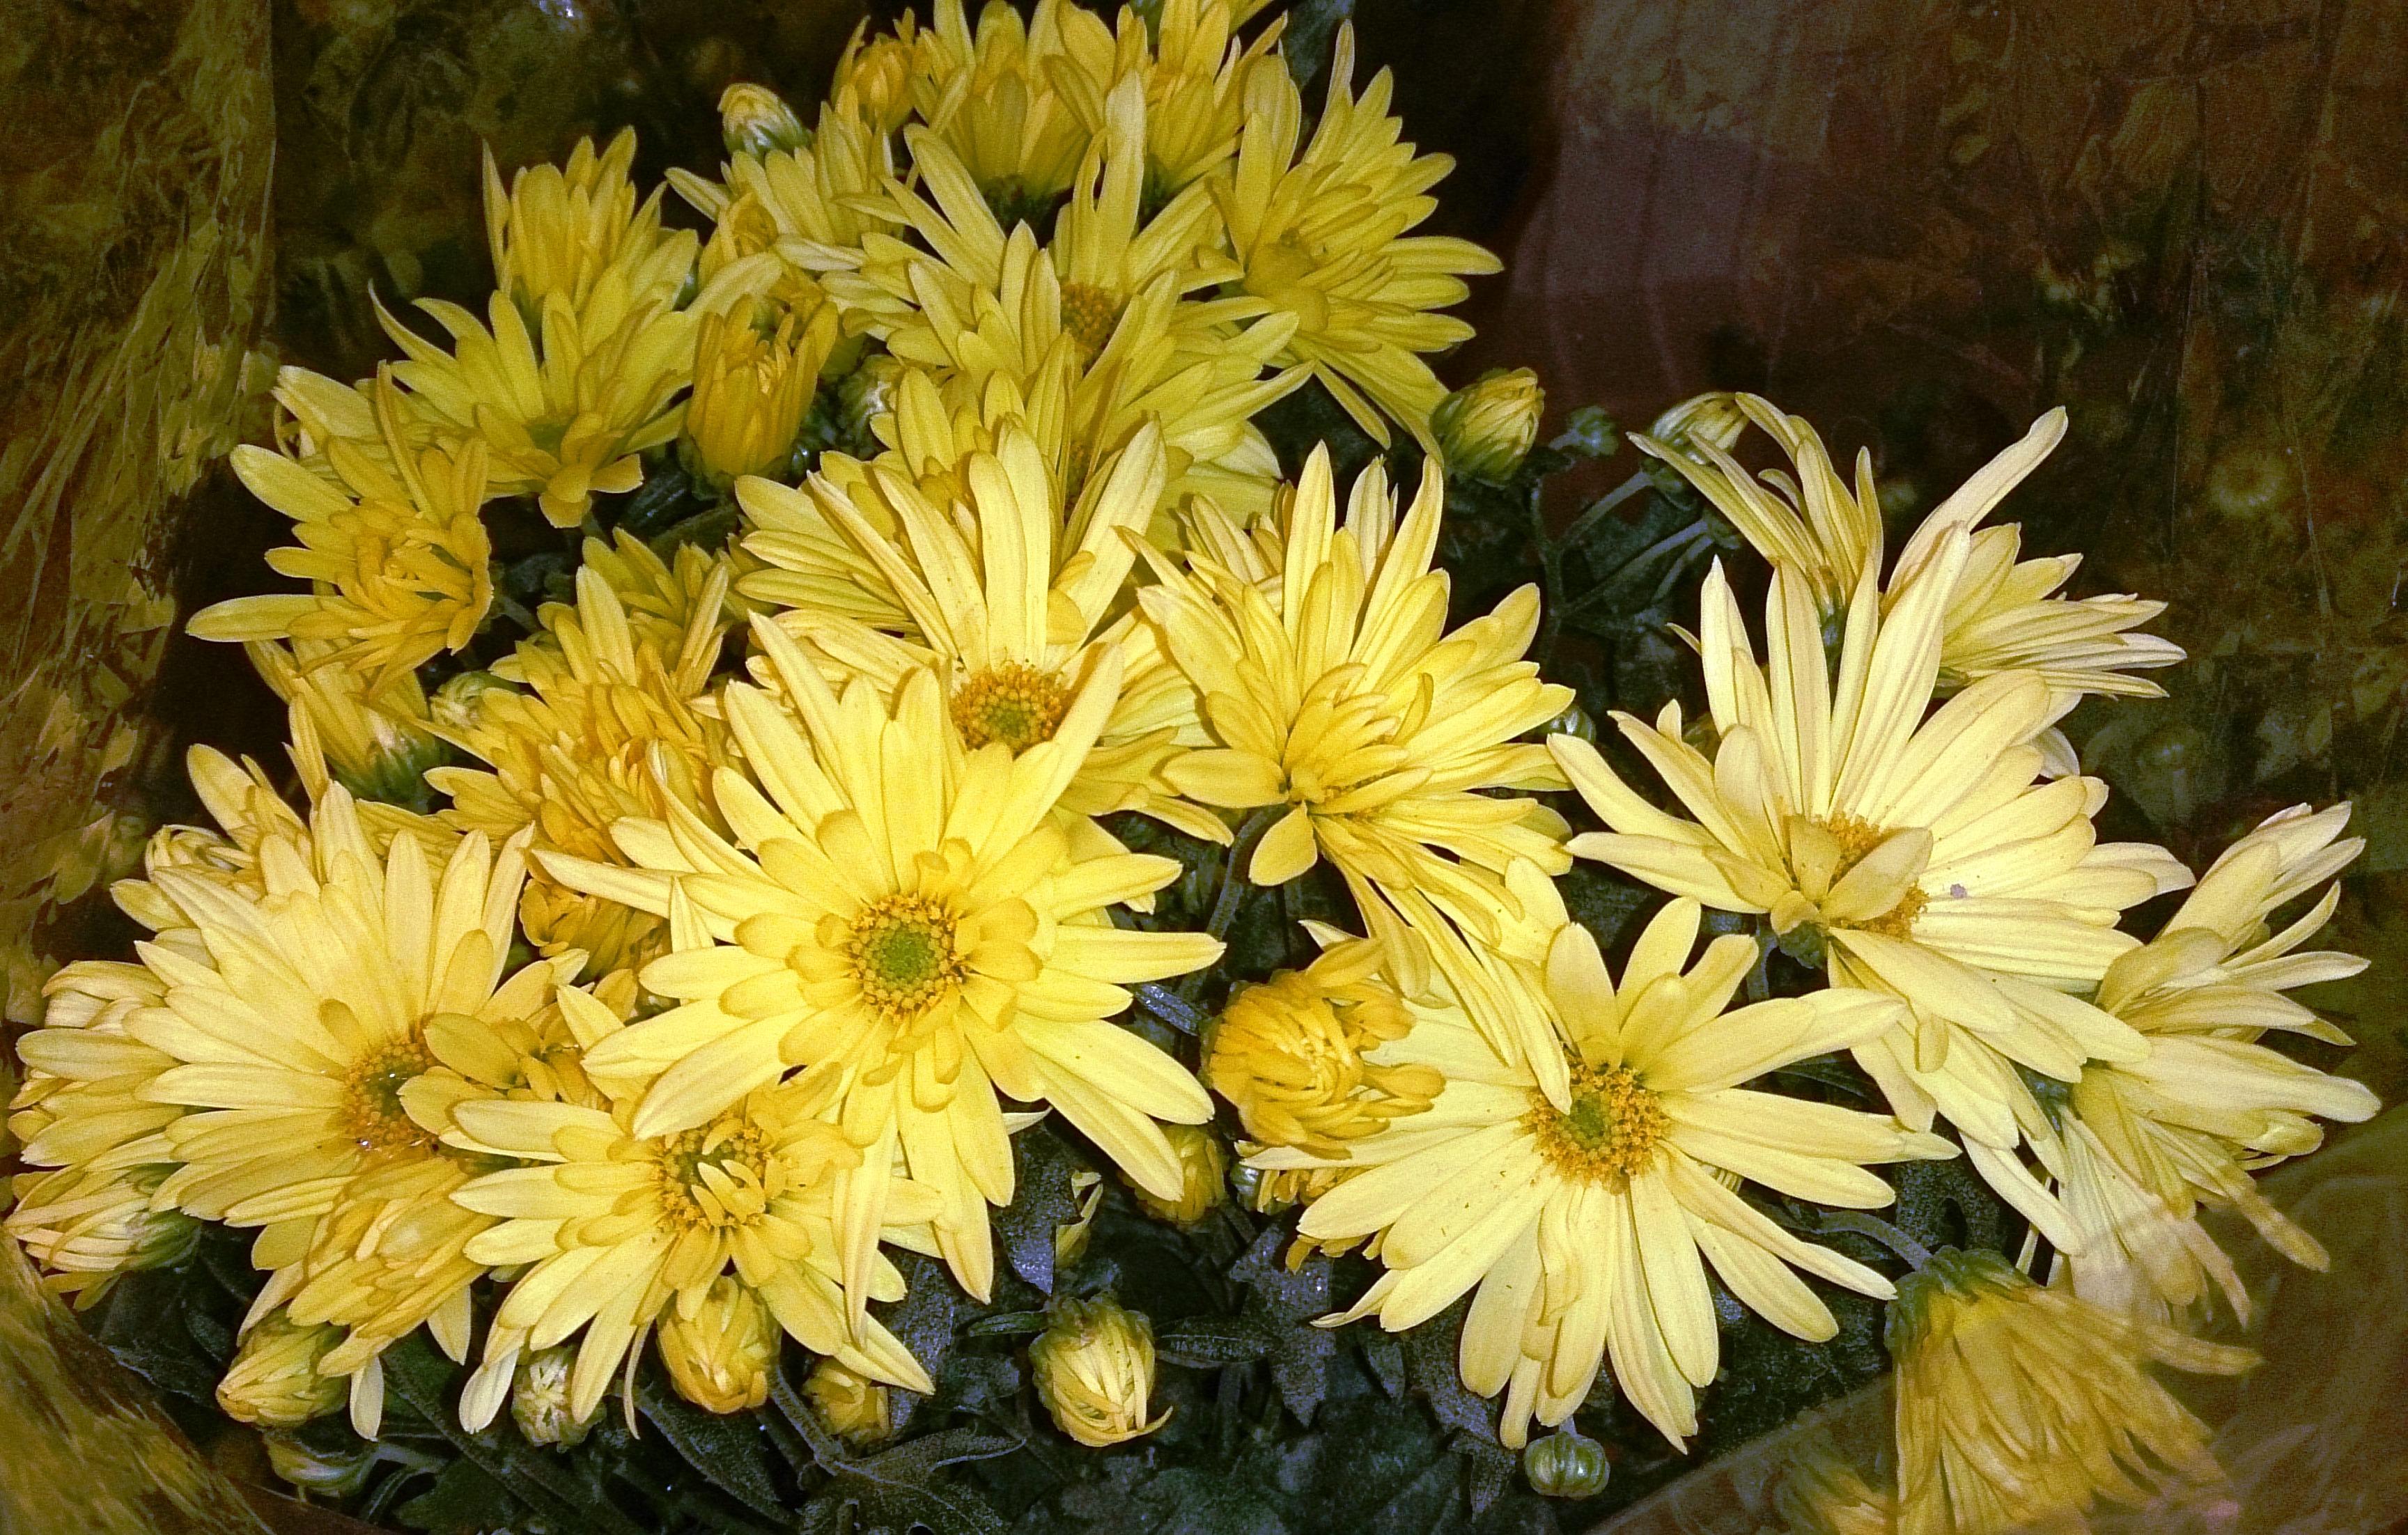 Fileyellow Chrysanthemum Flowersg Wikimedia Commons